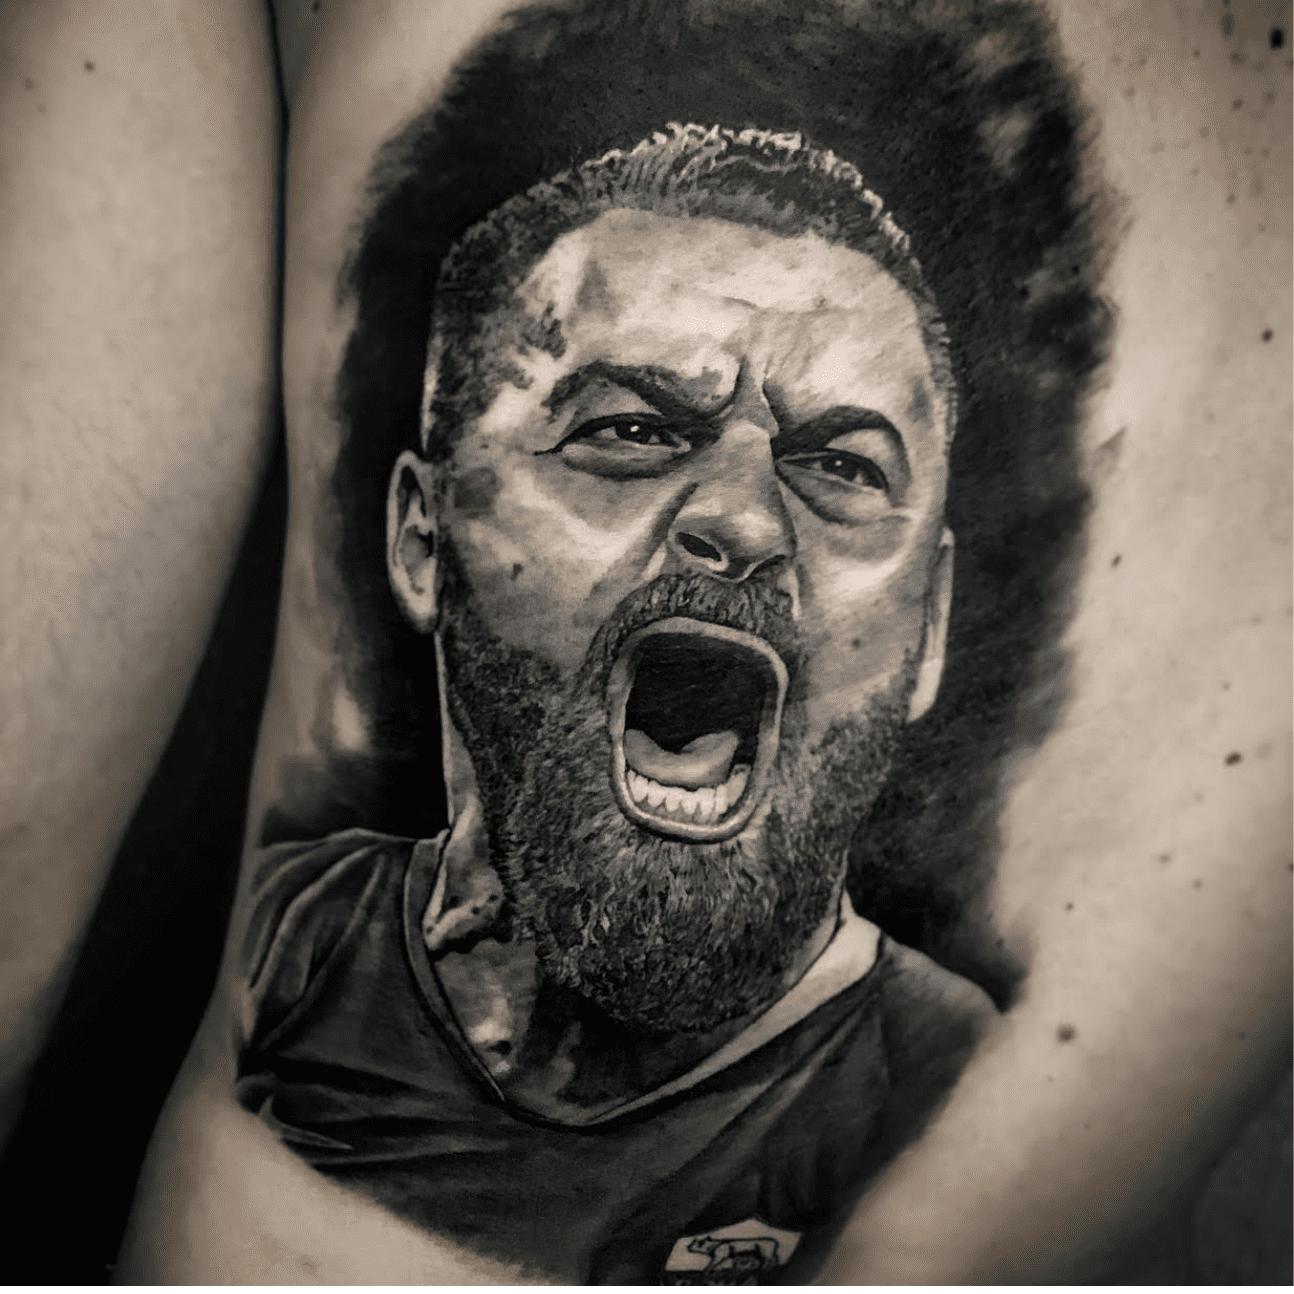 Tatuaggi realistici a Roma: Daniele de Rossi